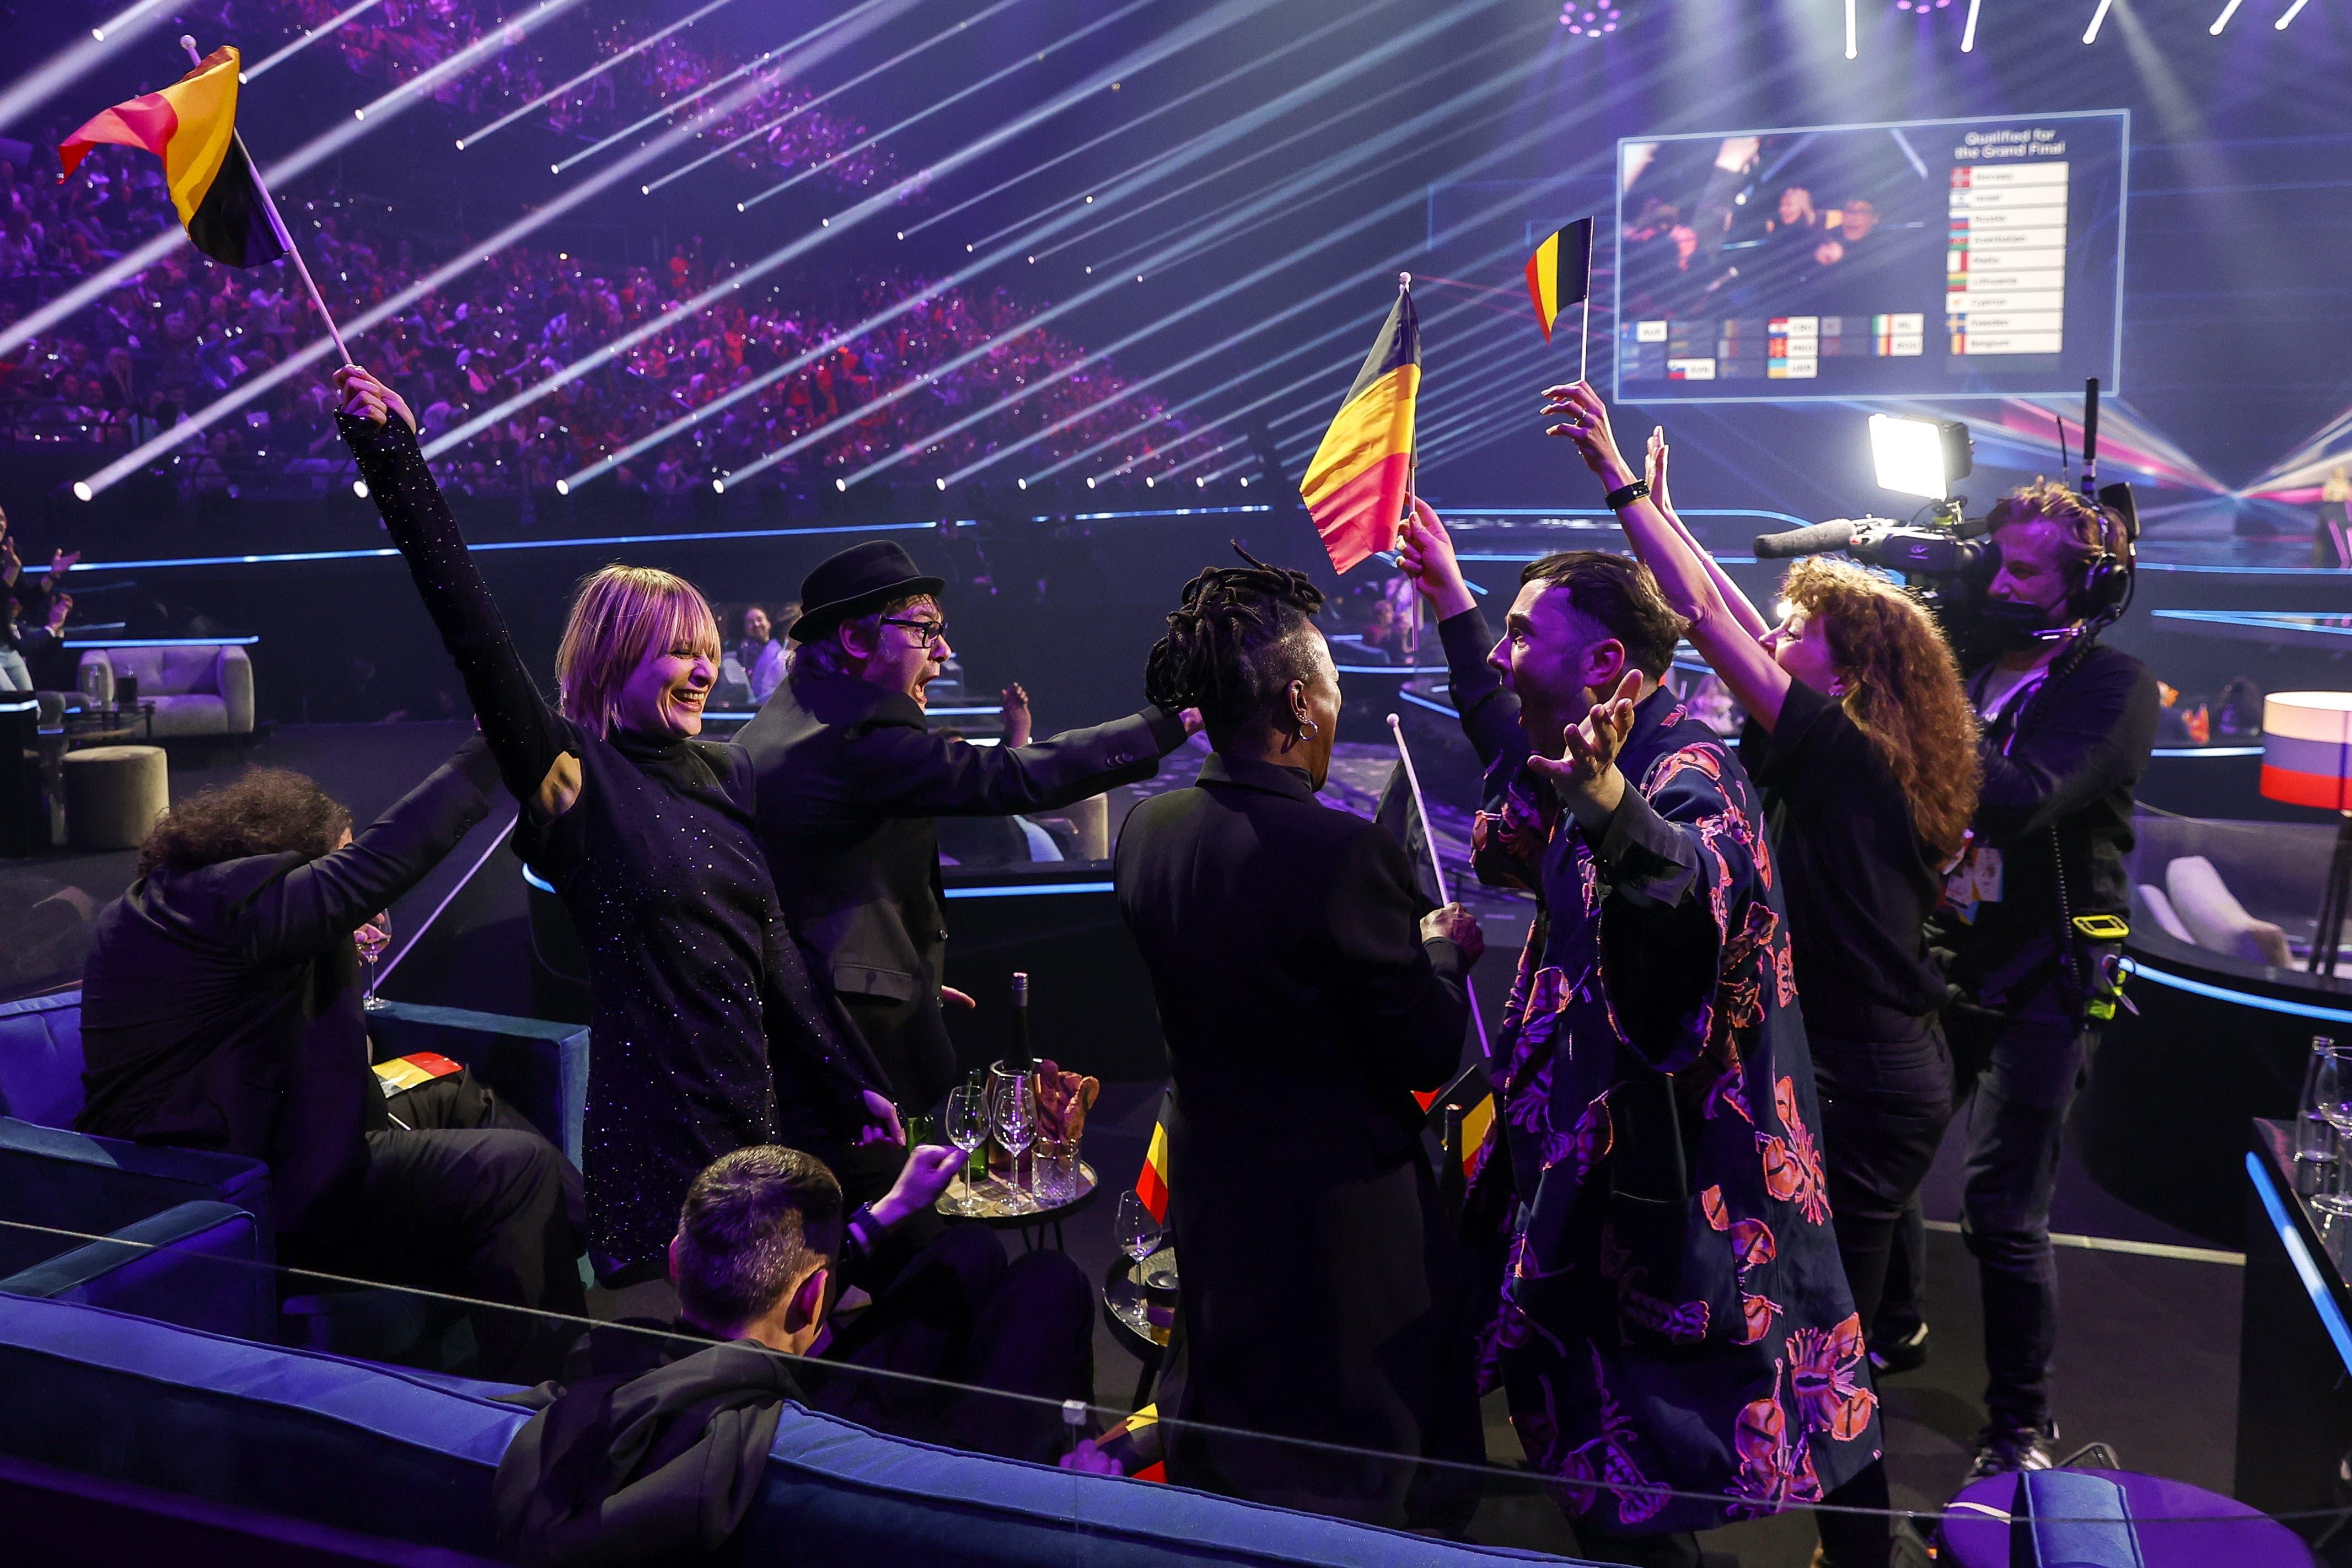 Hooverphonic aus Belgien freuen sich ebenfalls über ihre Qualifikation für das Finale.